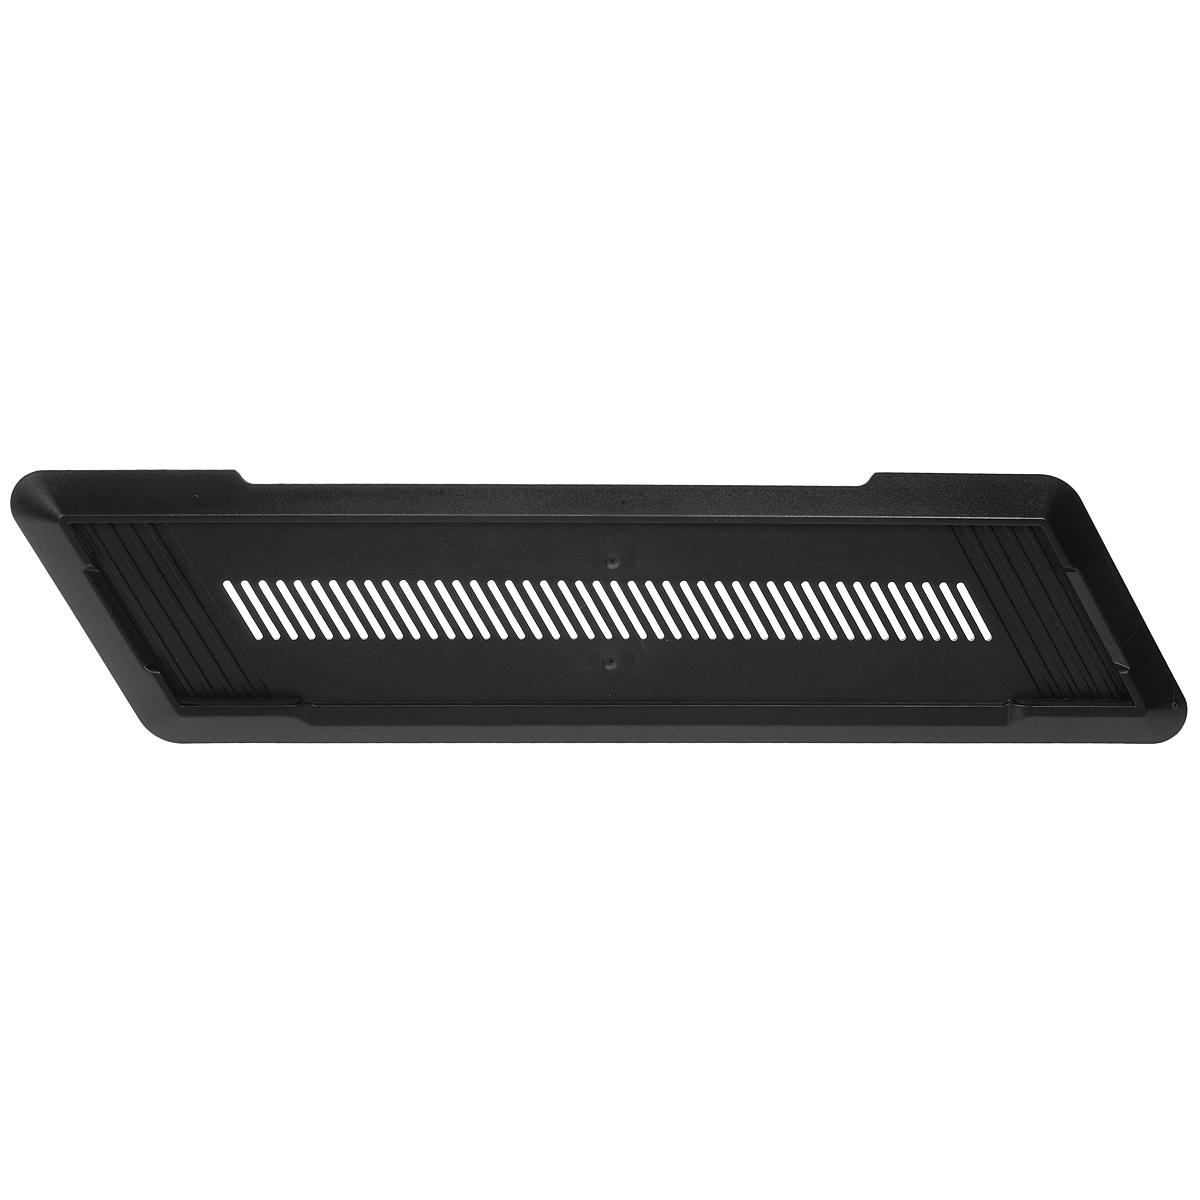 Вертикальная подставка Black Horns для PS4BH-P4-04Подставка позволит пользователям устанавливать PS4 в вертикальное положение, что облегчает выбор места для установки системы. Подставка окрашена в черный цвет, что идеально сочетается с системой PS4.